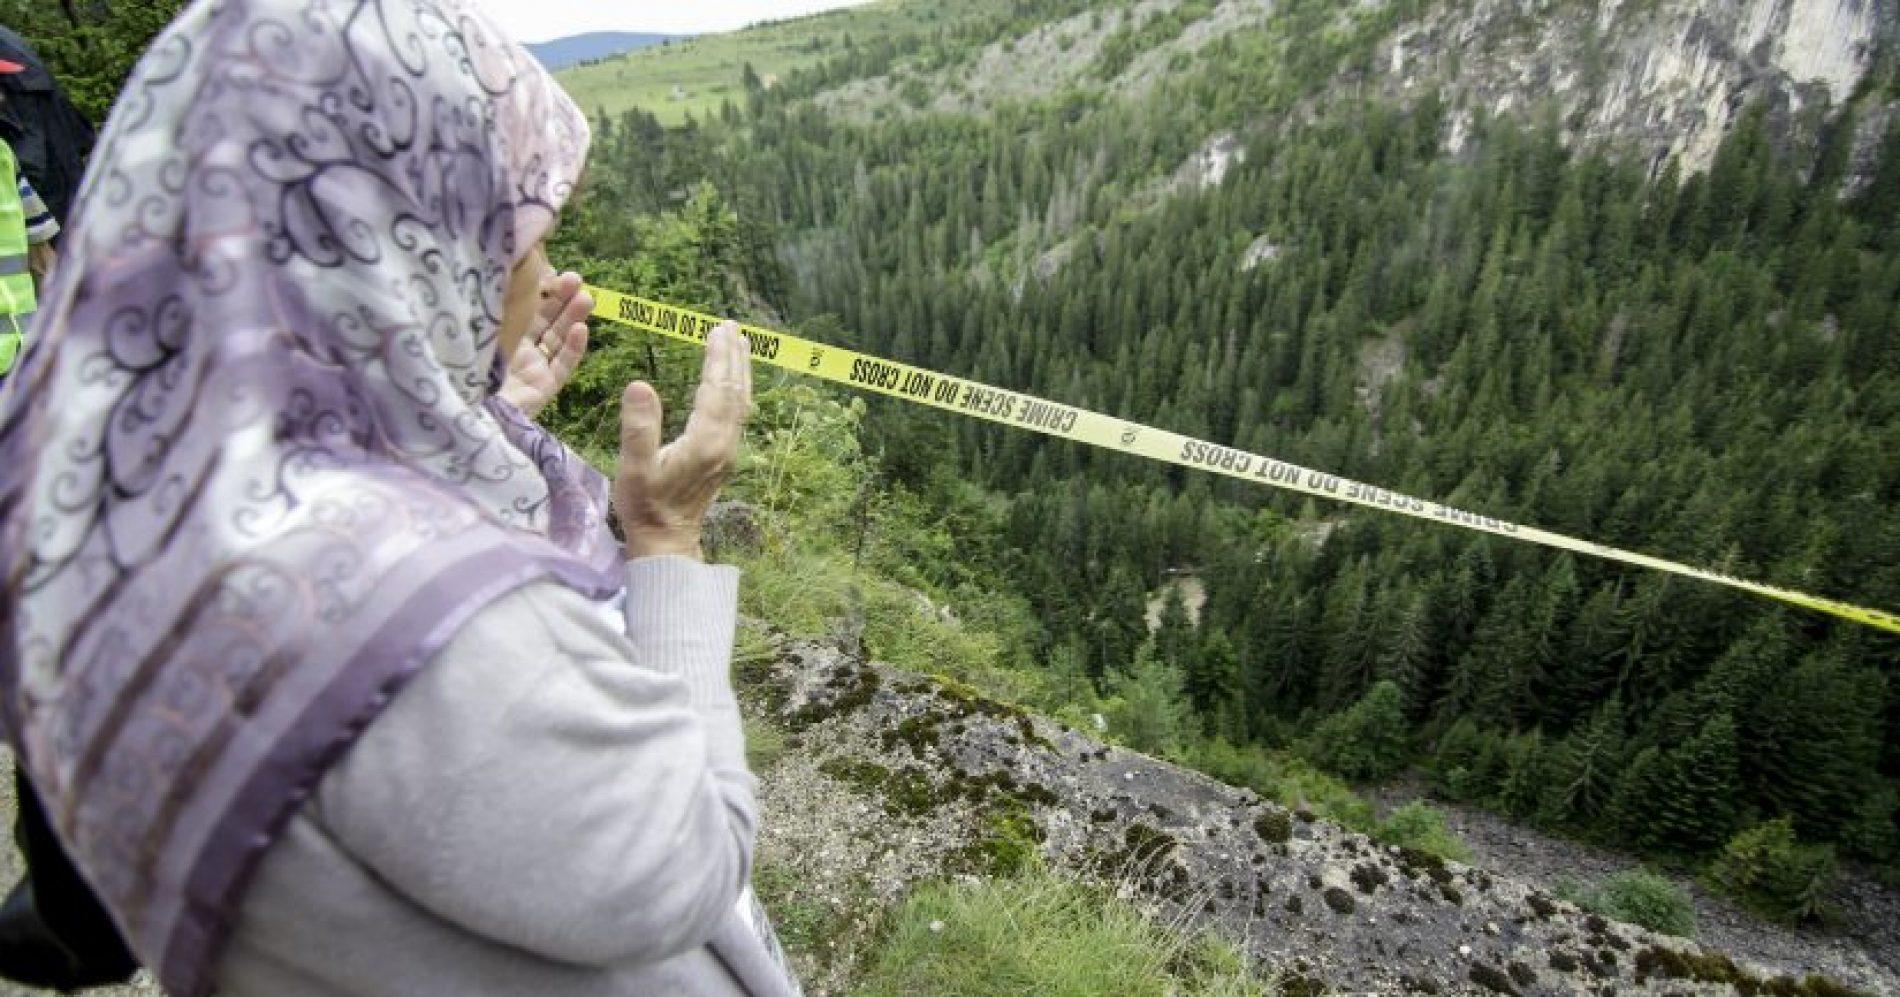 Žrtve s područja Prijedora i Kozarca – Iz masovne grobnice na Korićanskim stijenama ekshumirano 137 posmrtnih ostataka